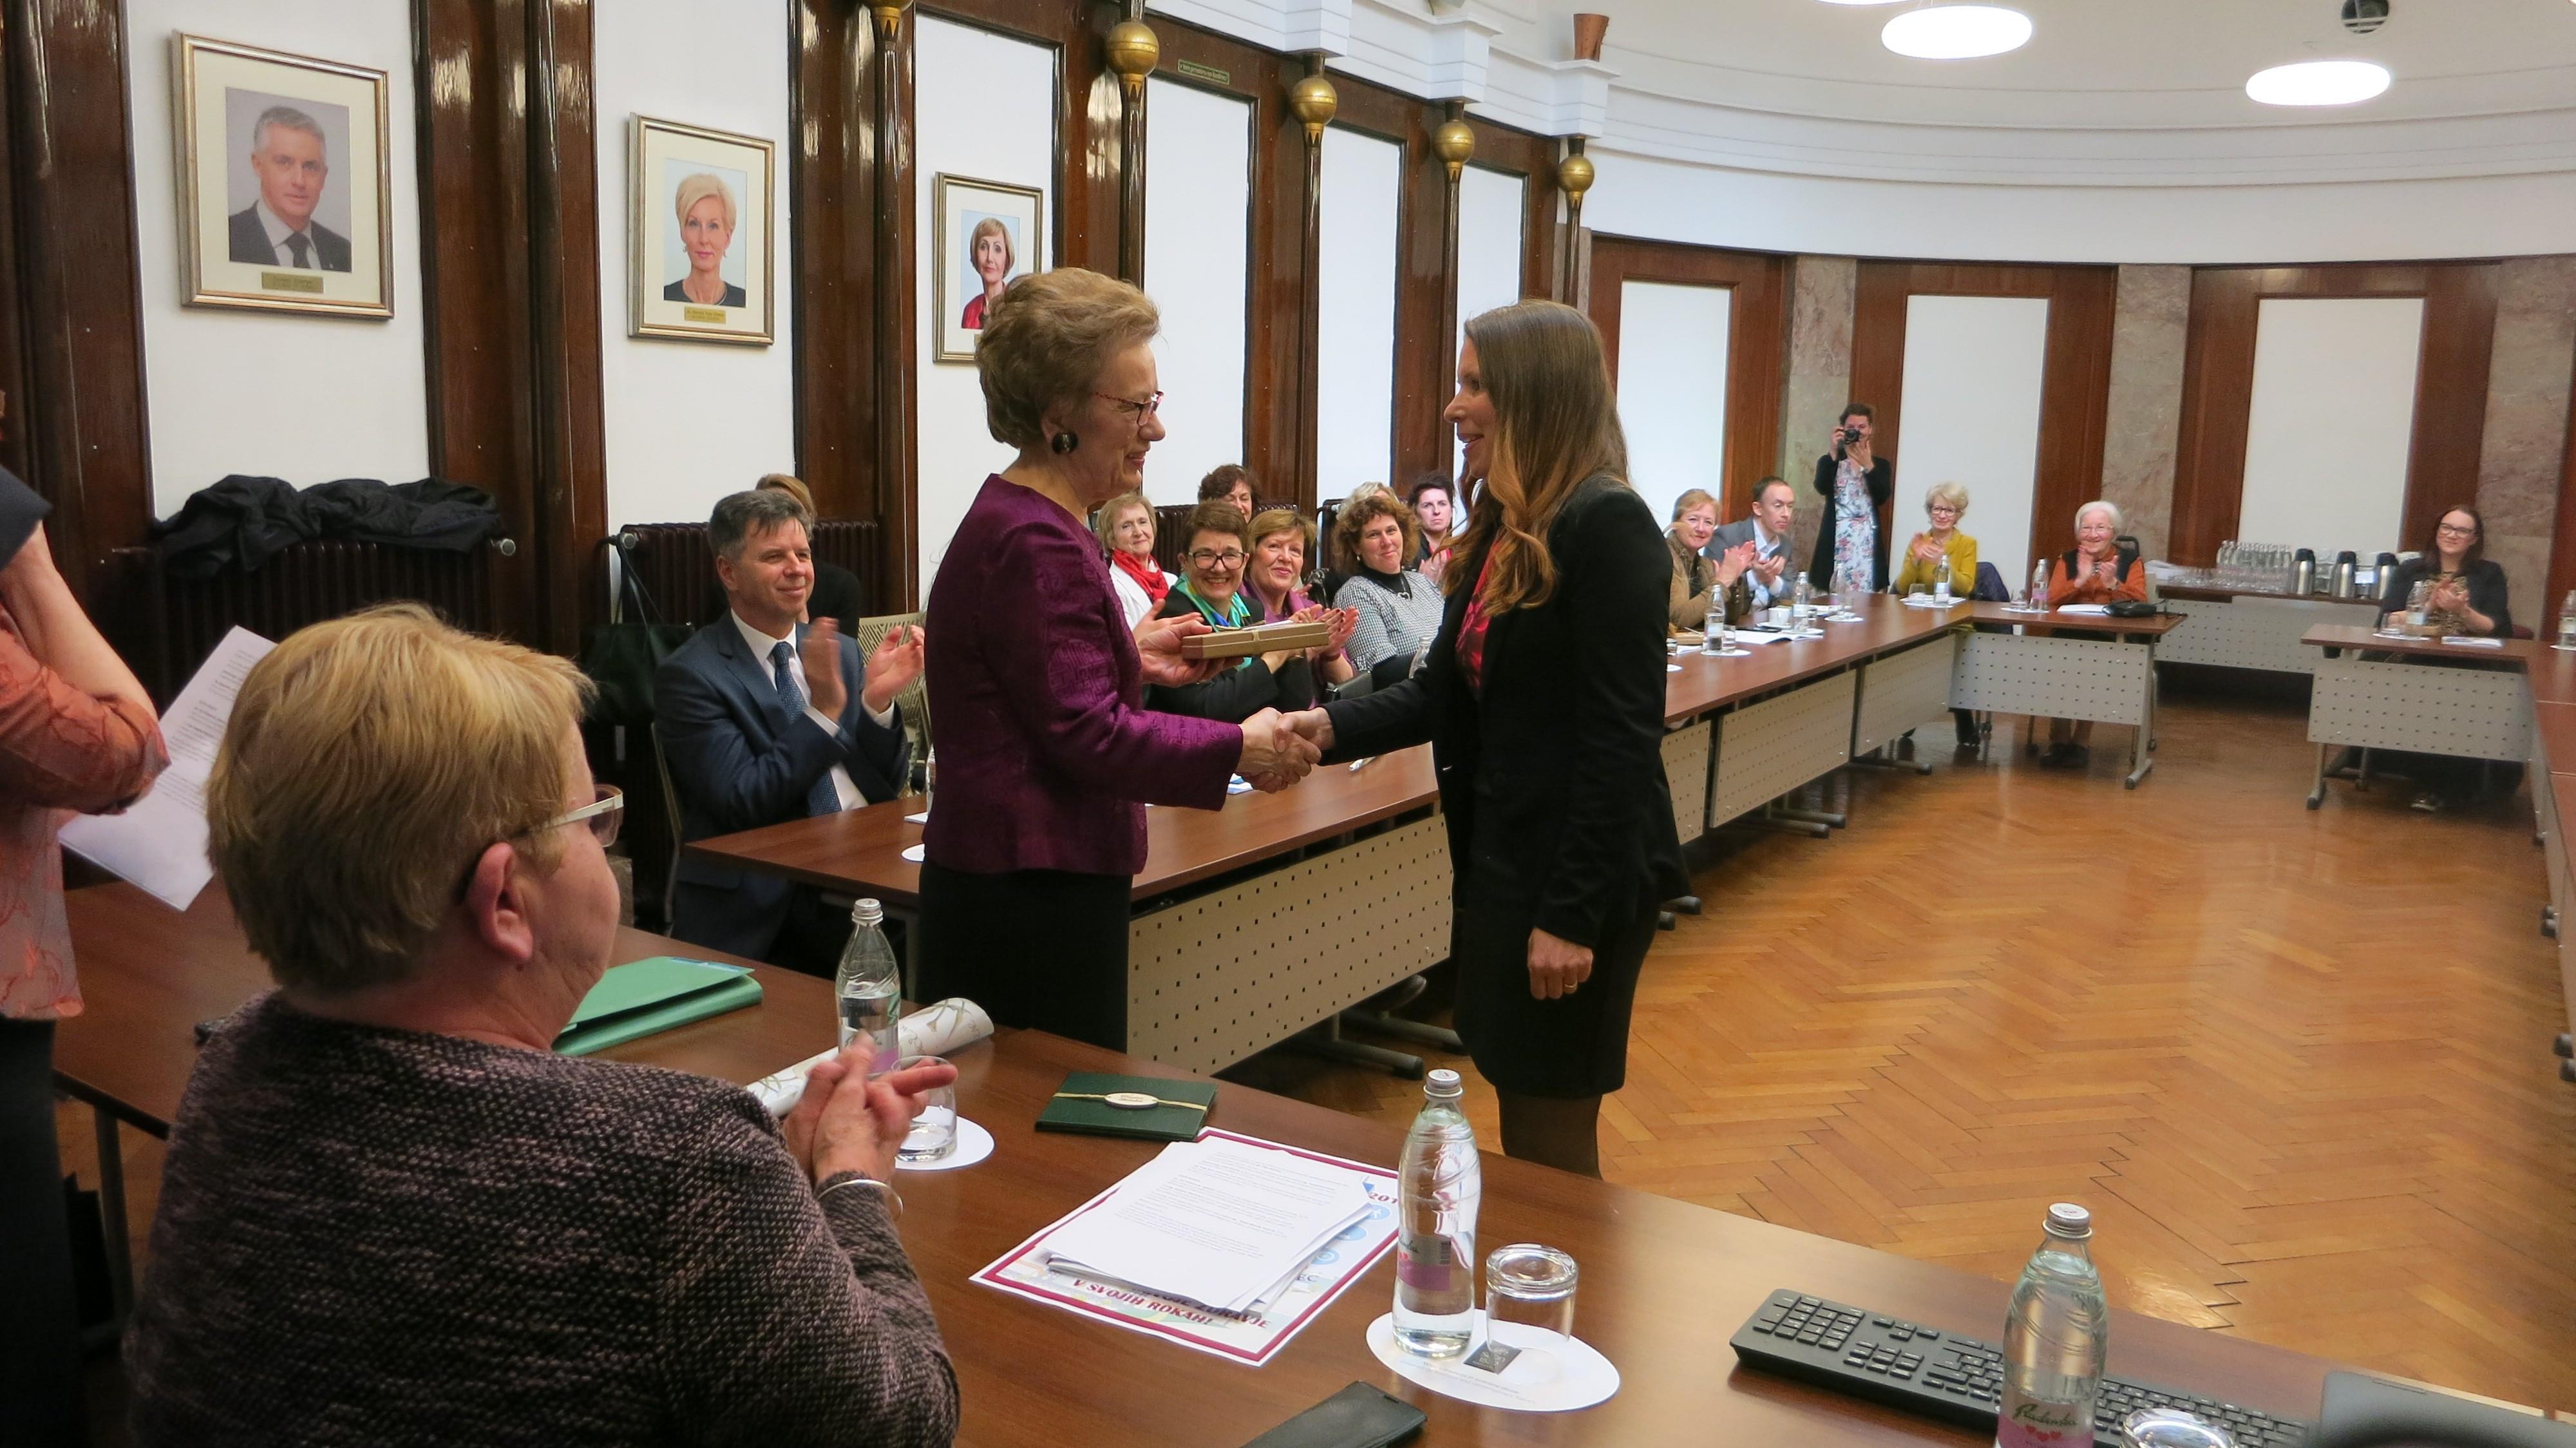 Prim. mag. Branislava Belović pri predaji zlatega priznanja Tatjani Škornik Tovornik, ki ima v Društvu za boj proti raku regije Celje že 19 let nepogrešljivo vlogo.